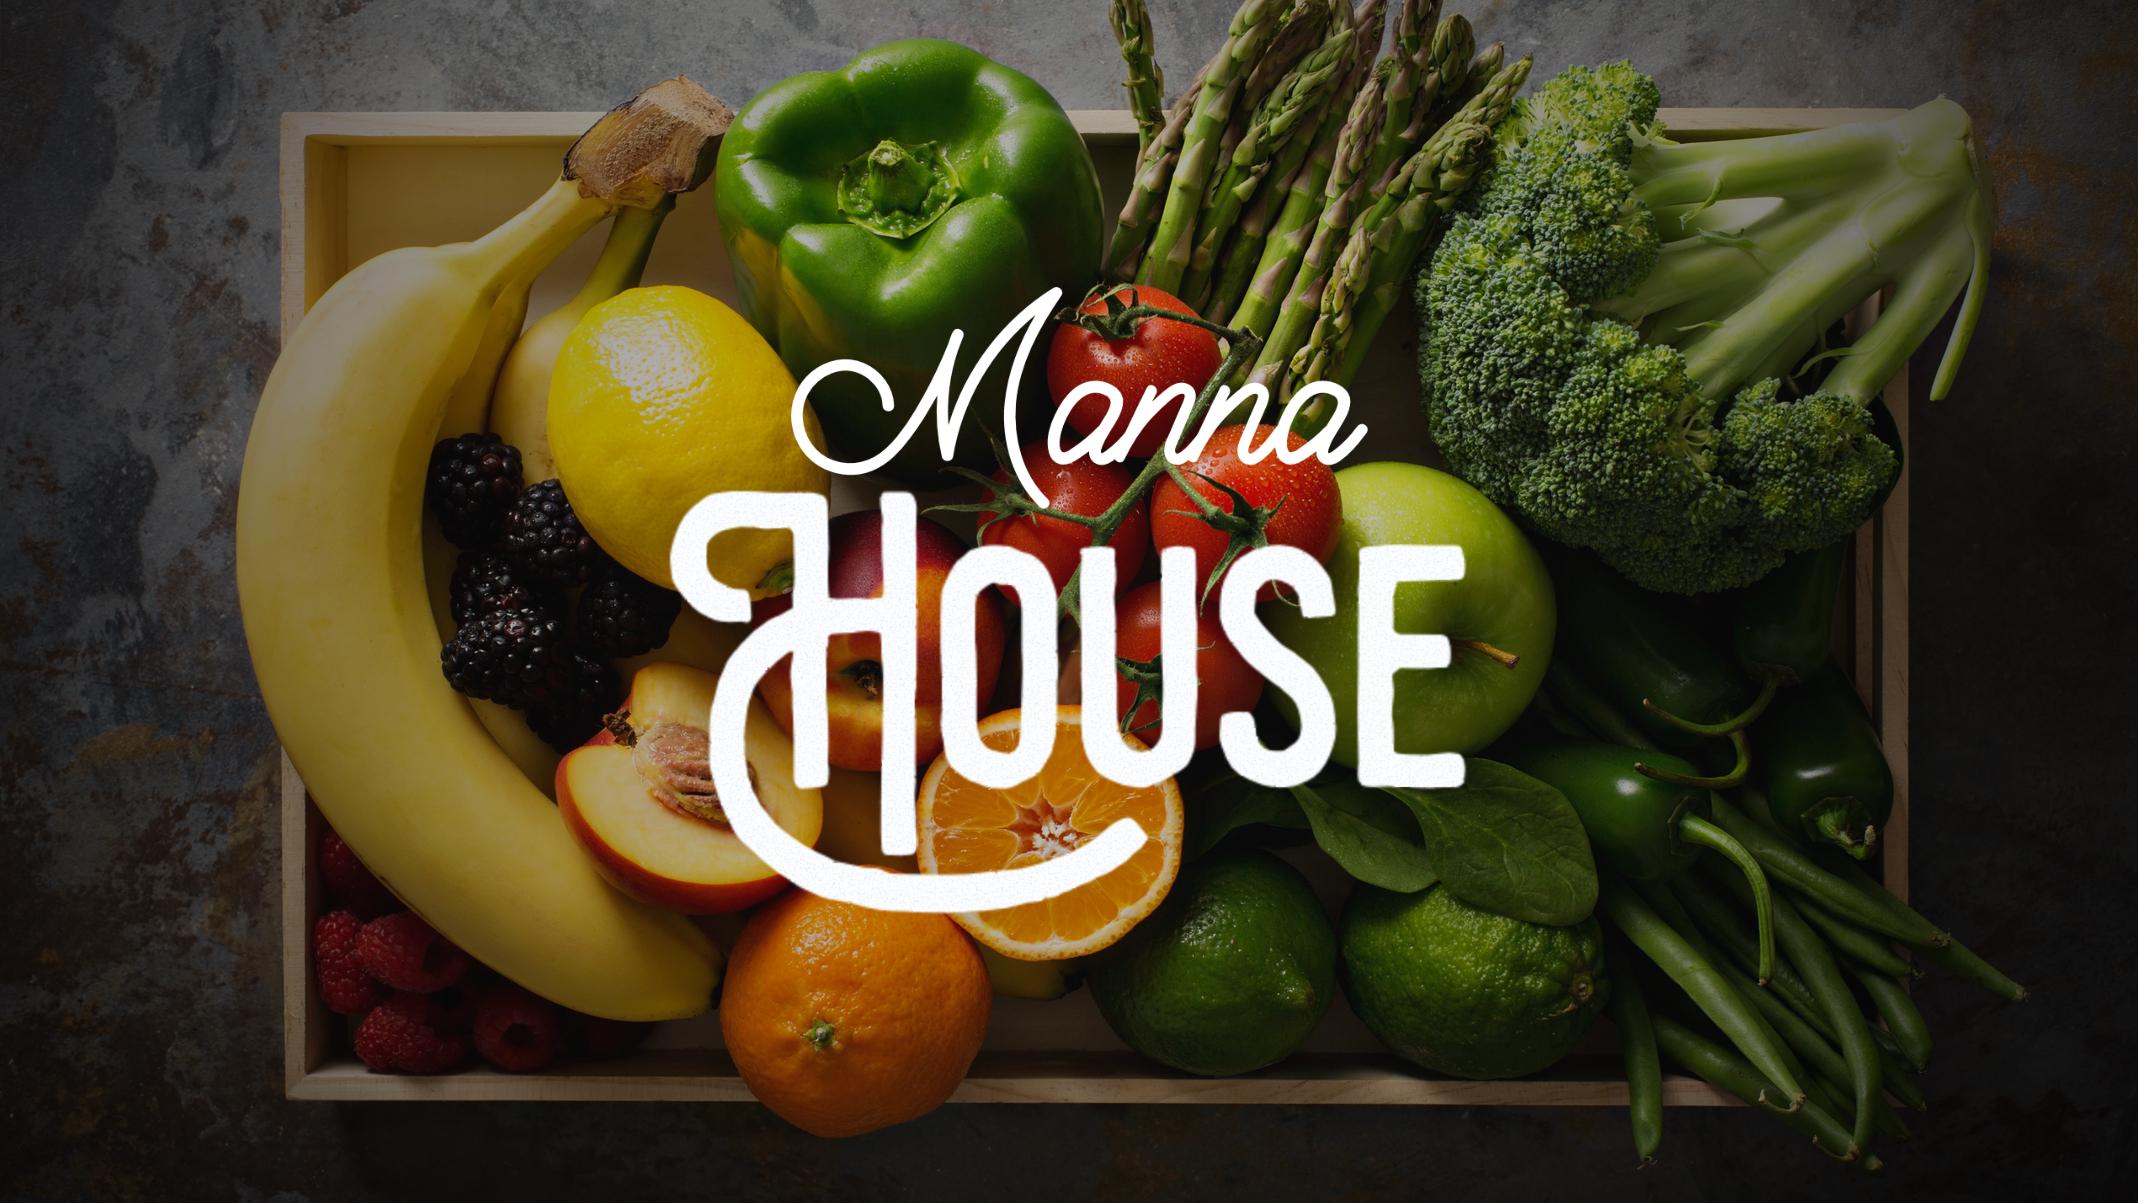 mannahouse_graphic2.jpg